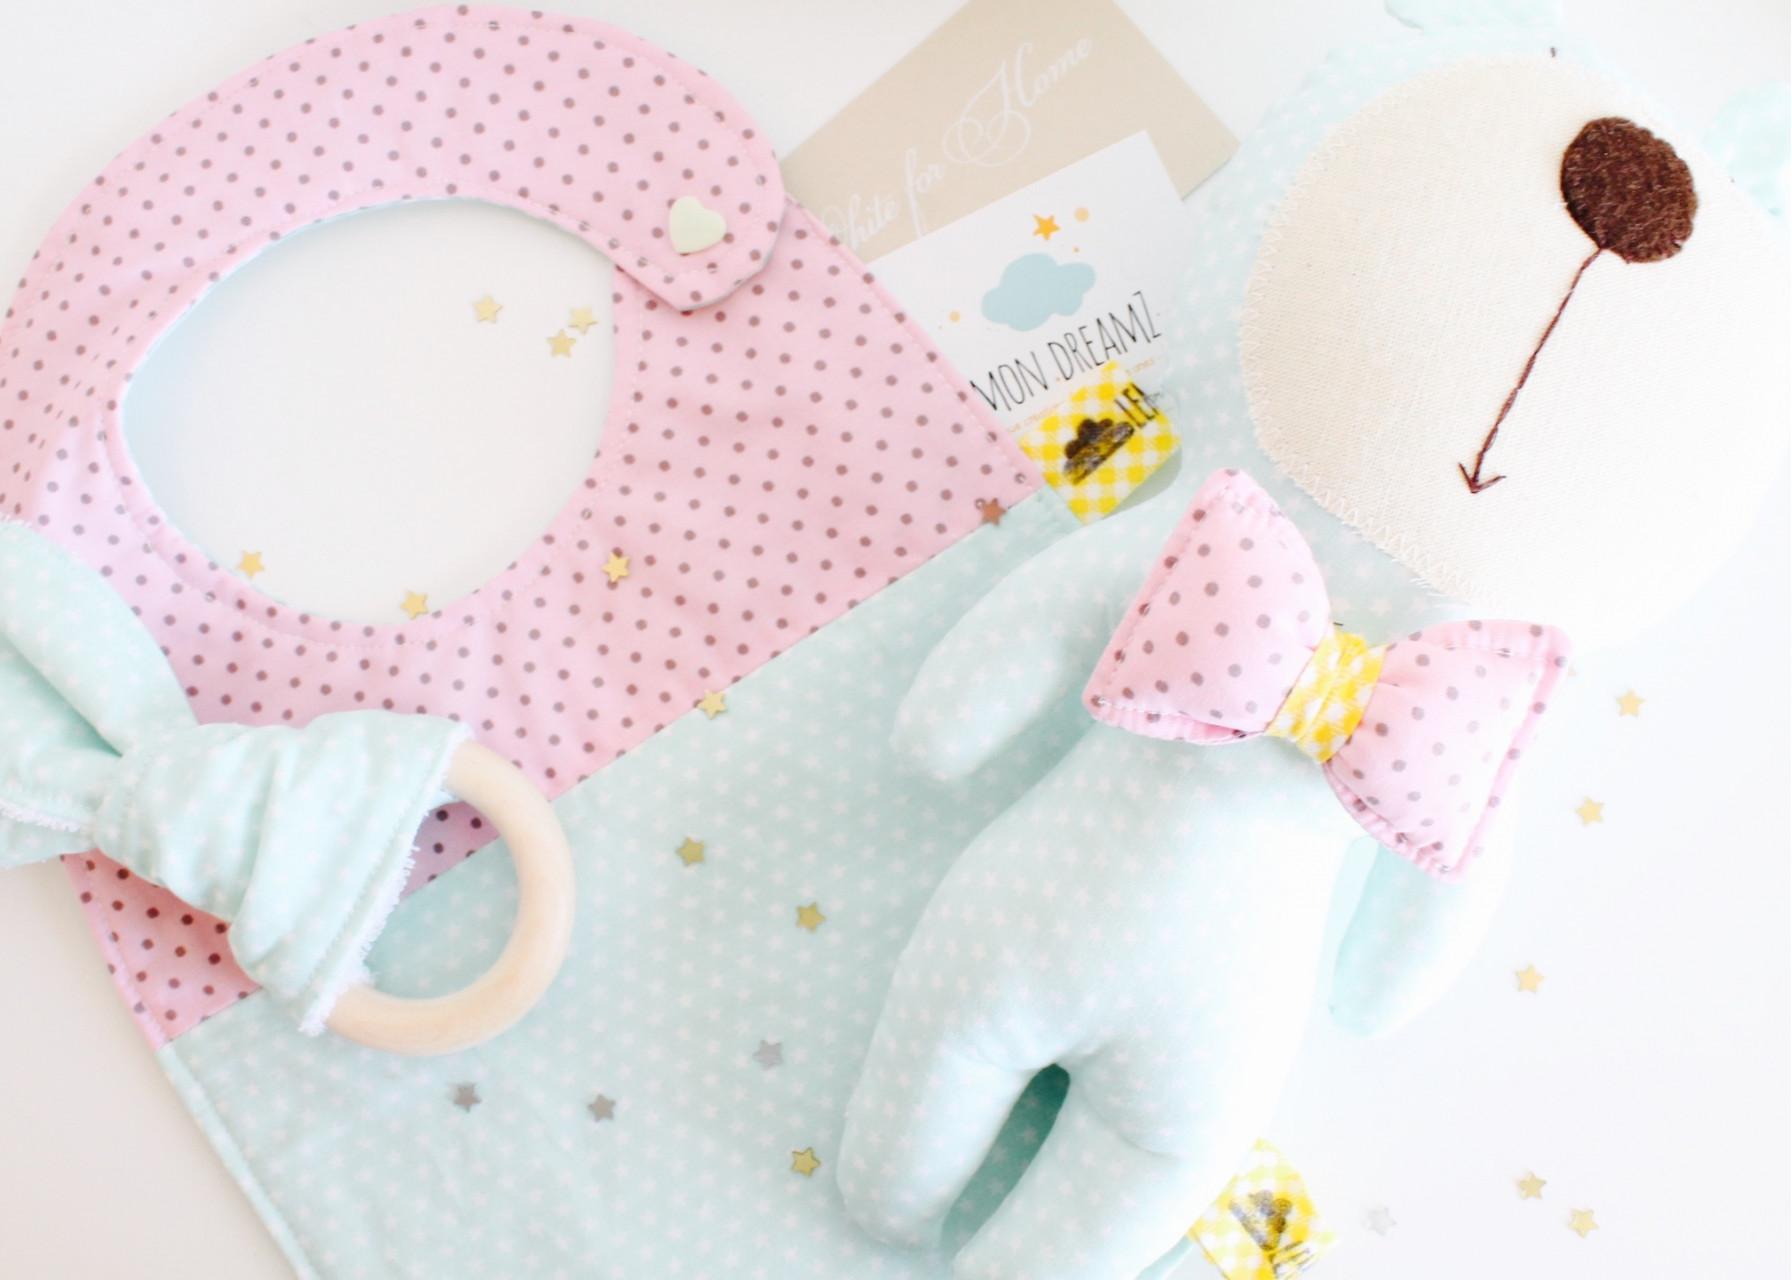 Σετ δώρου για νεογέννητο / Mint Los Fiogos